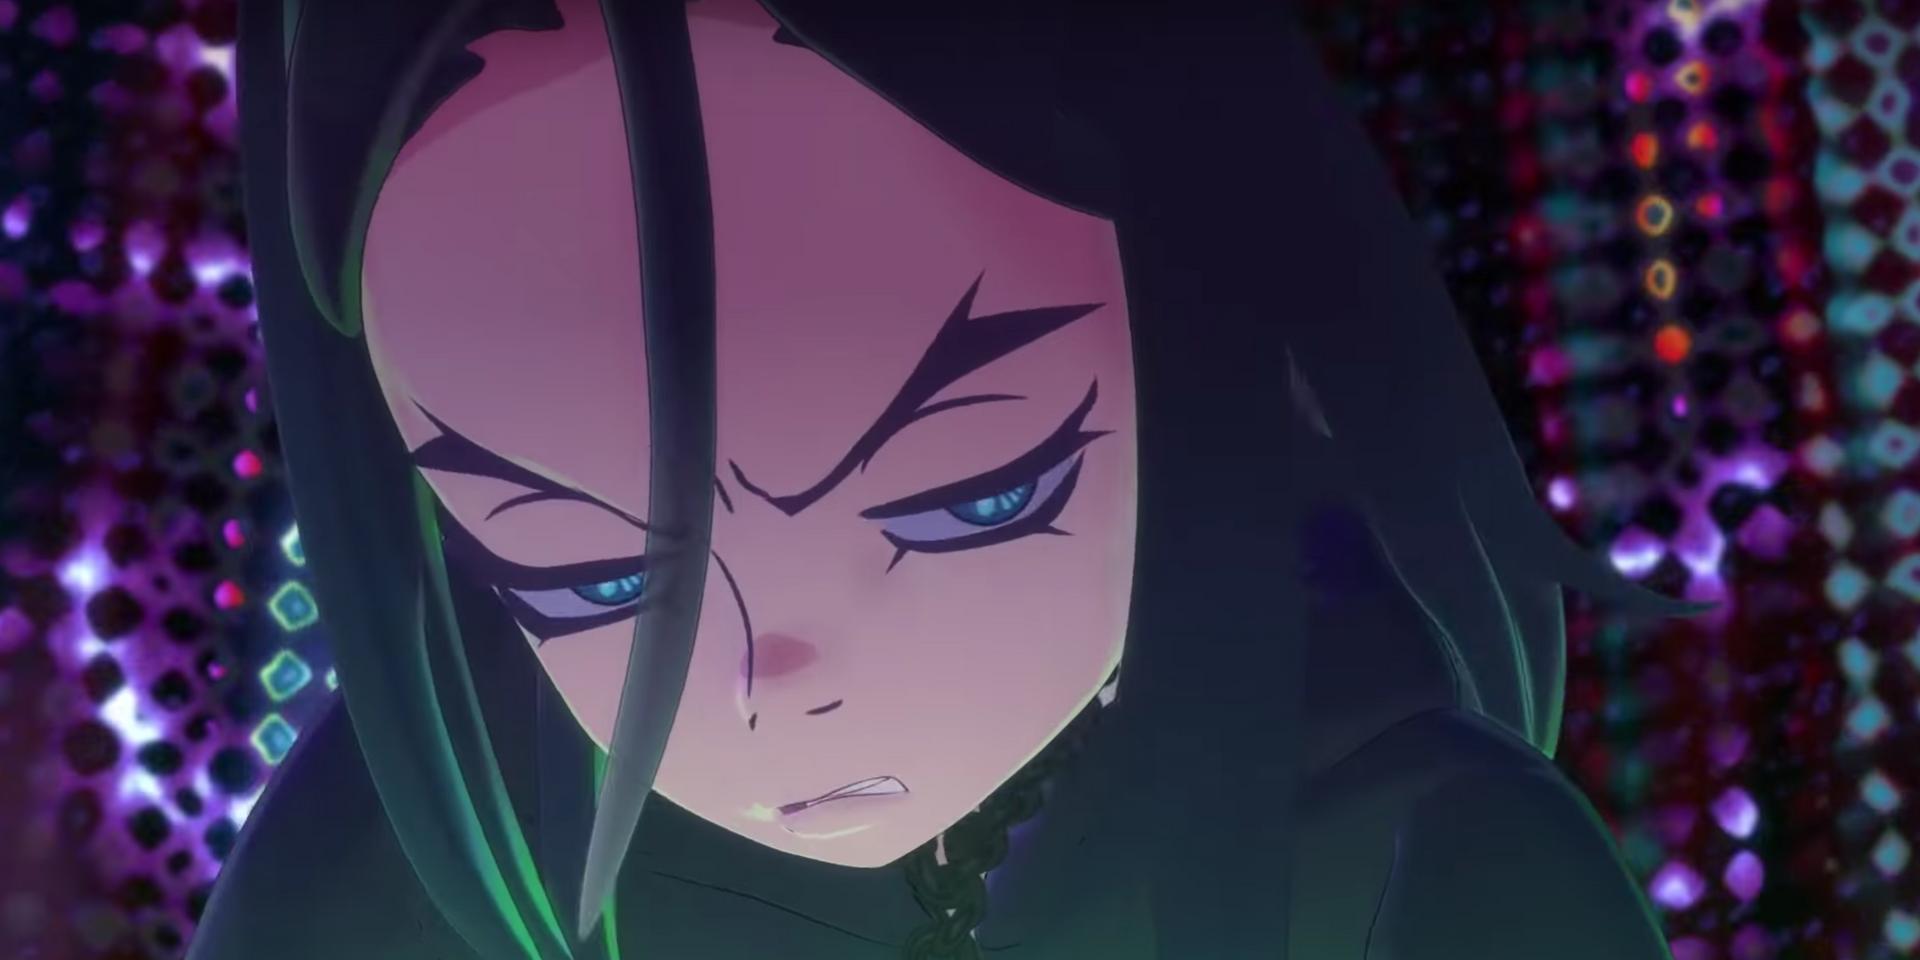 Billie Eilish releases new music video animated by Takashi Murakami